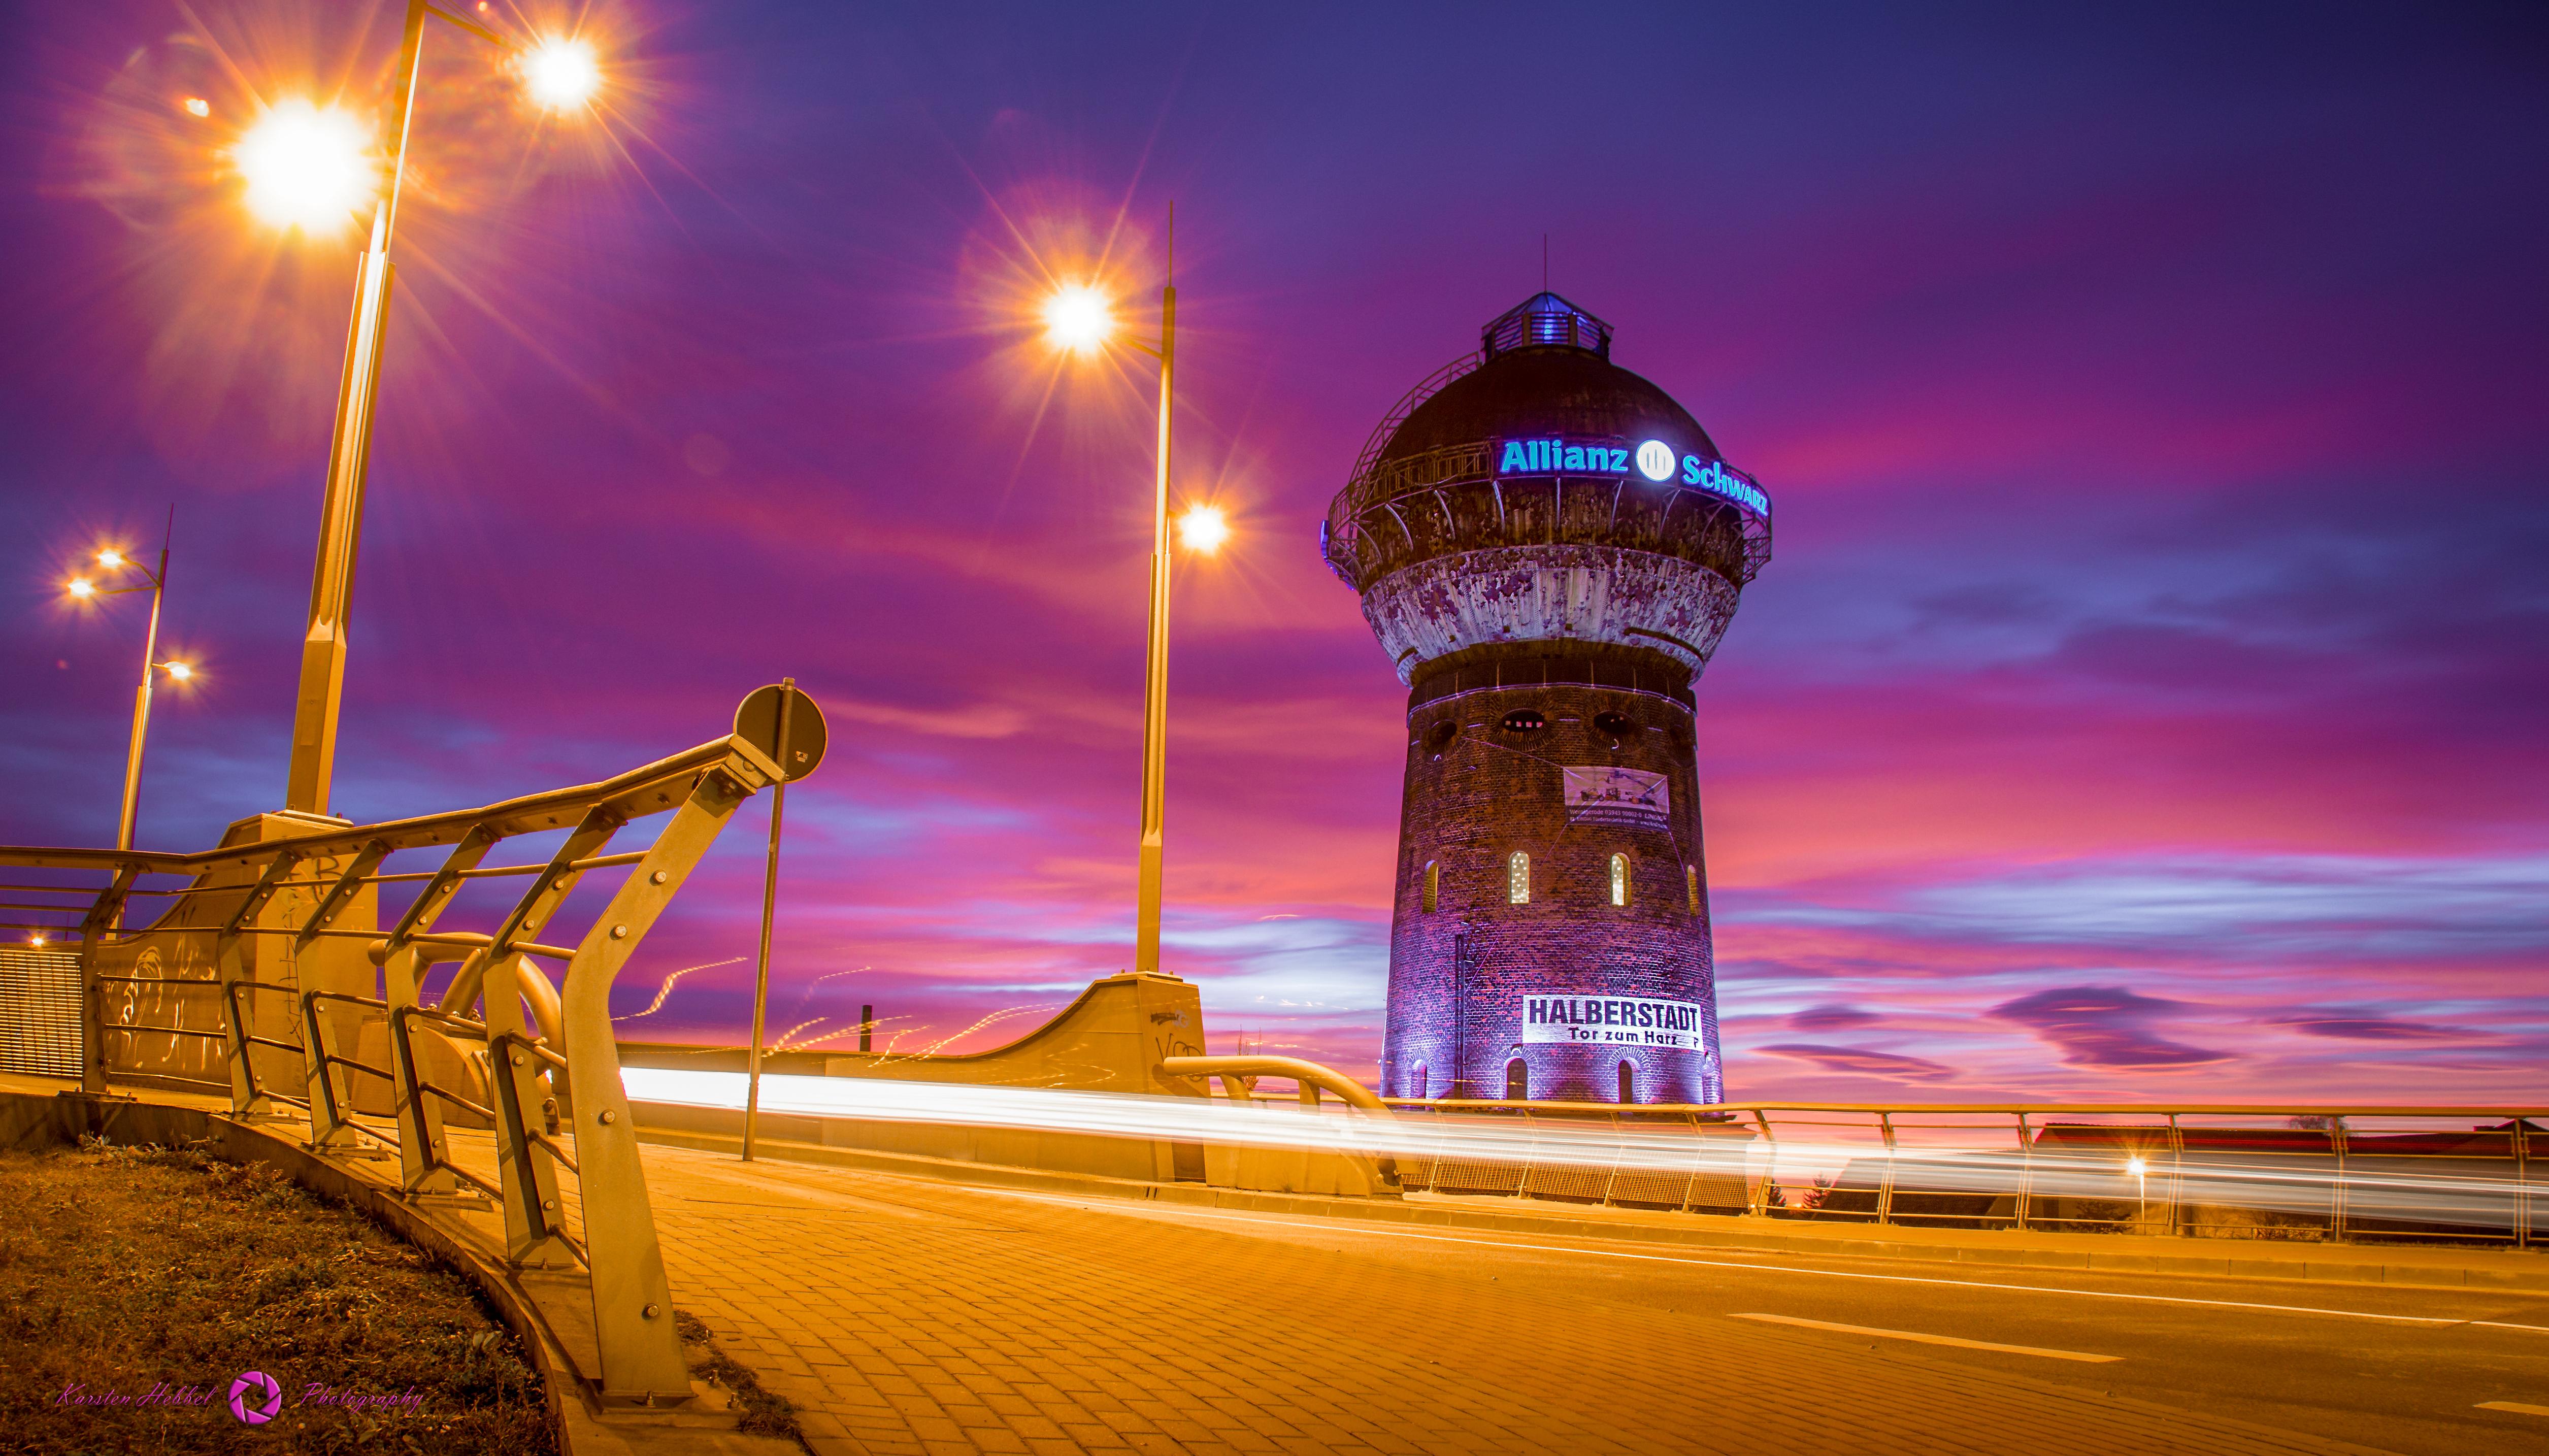 Sonnenuntergang auf der Wehrstedter Brücke mit Blick auf dem Wasserturm